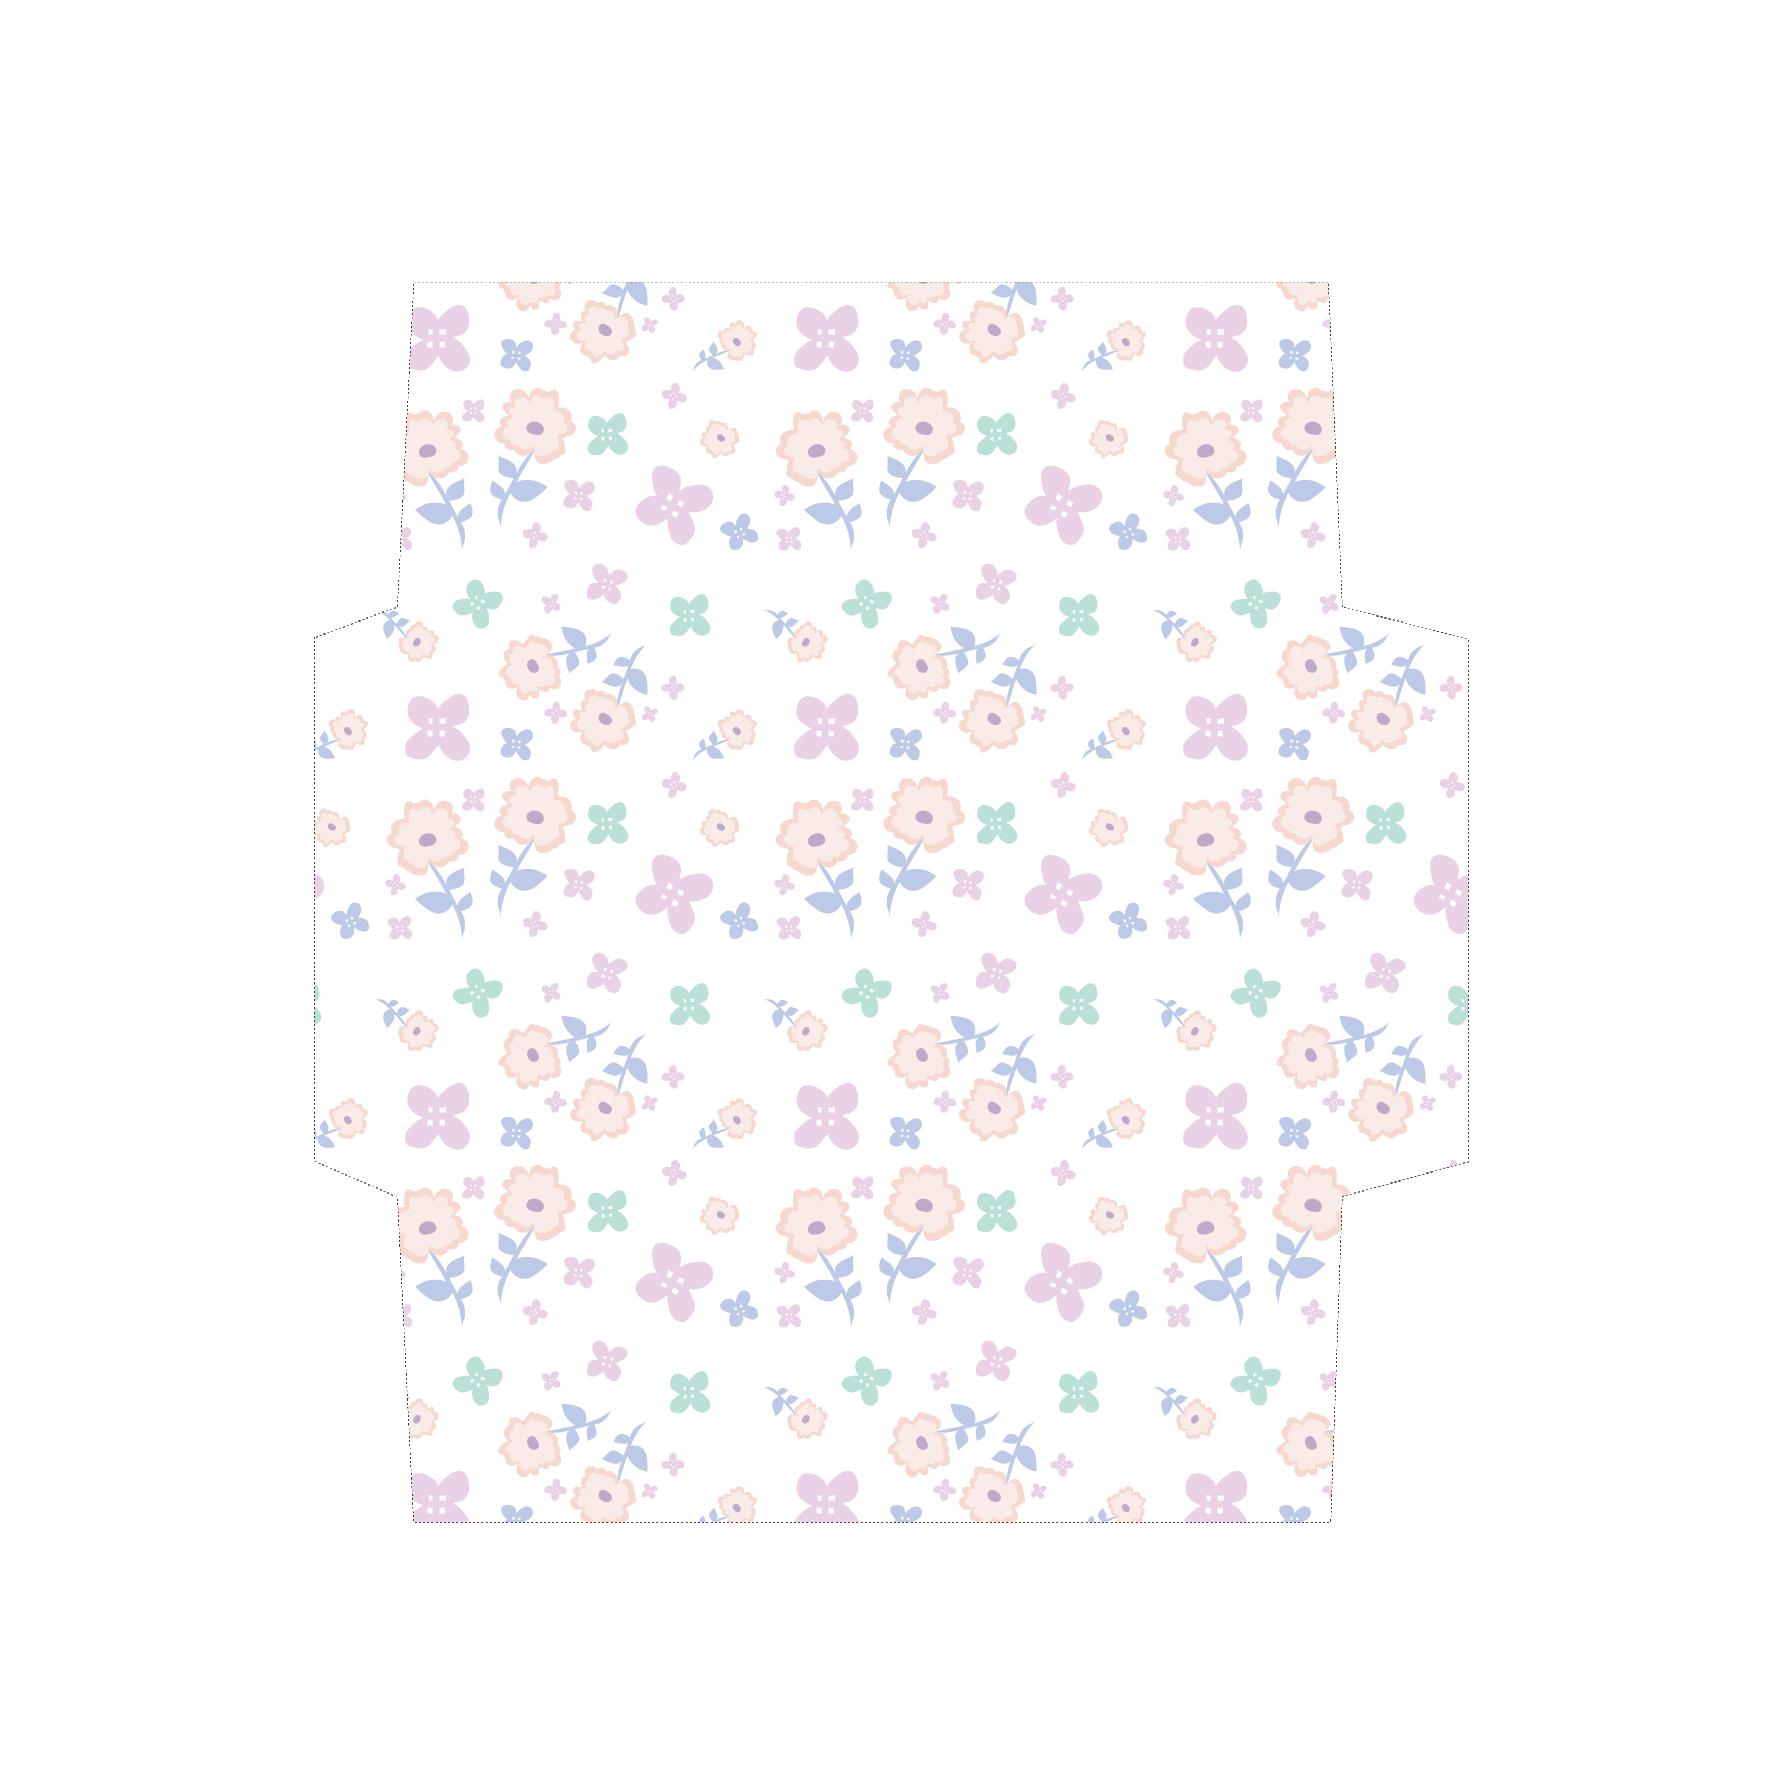 花柄のかわいい封筒(パステルホワイト)のテンプレート イラスト